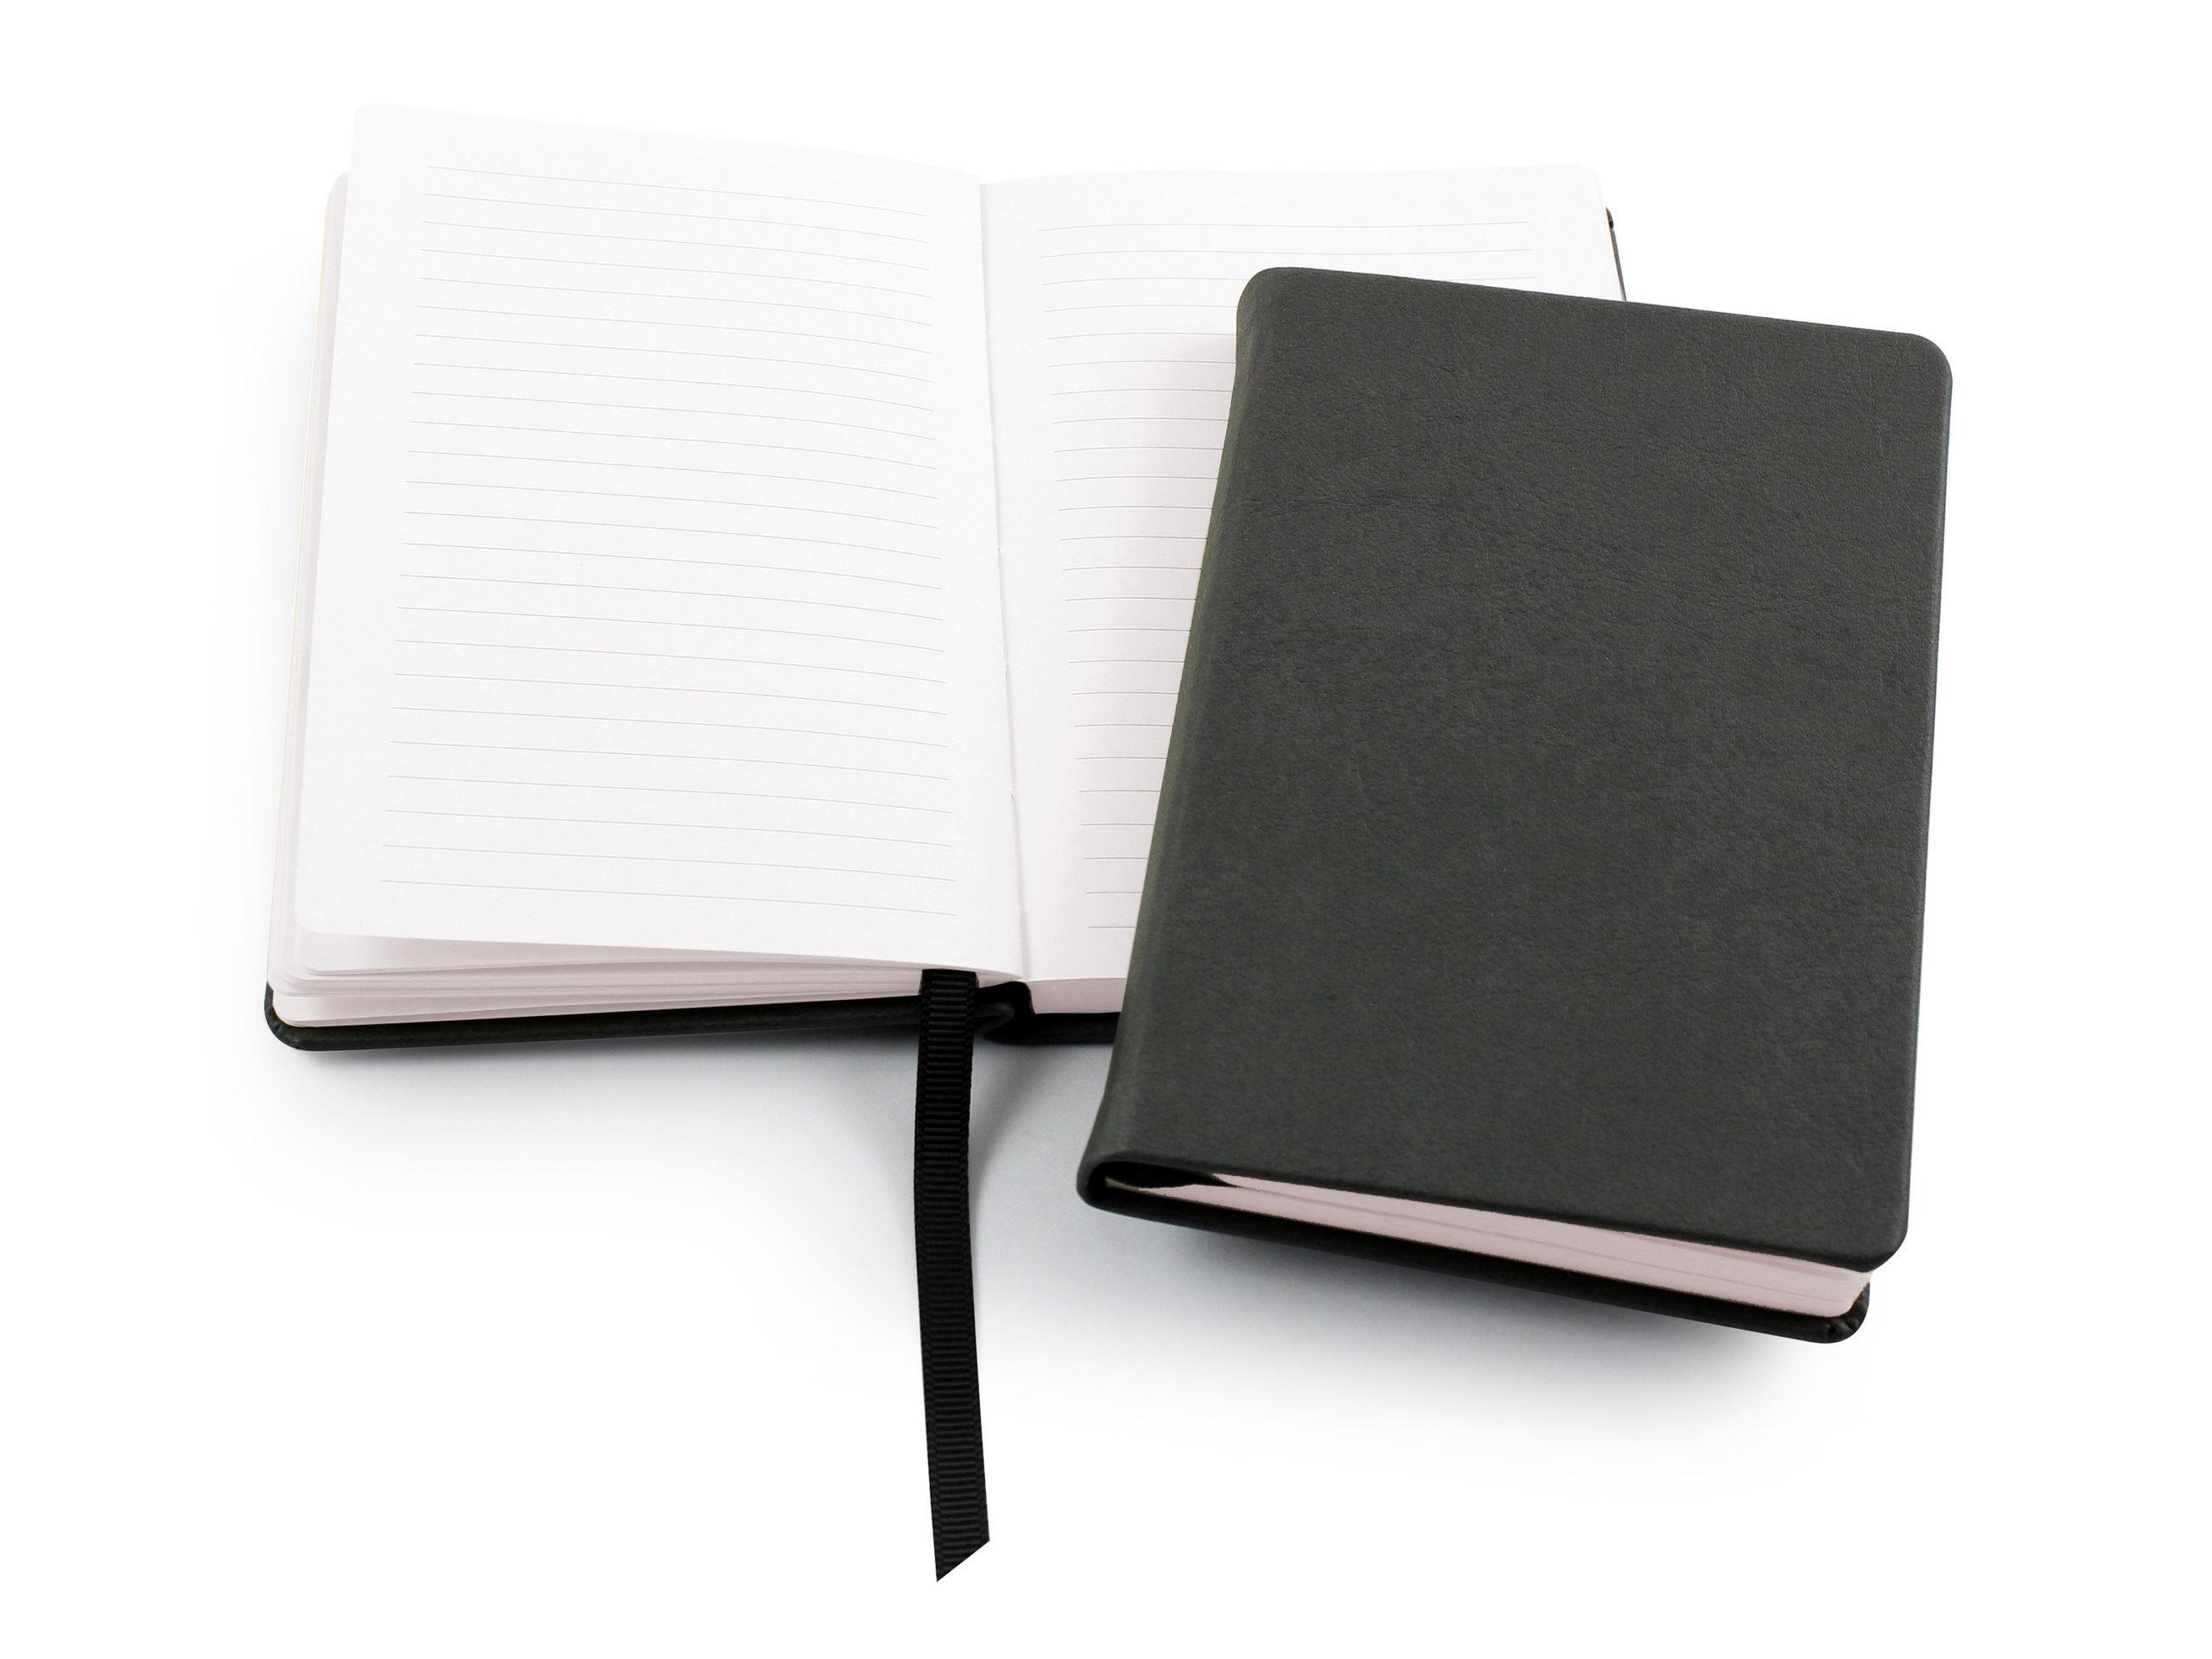 Black Biodegradable BioD Pocket Notebook